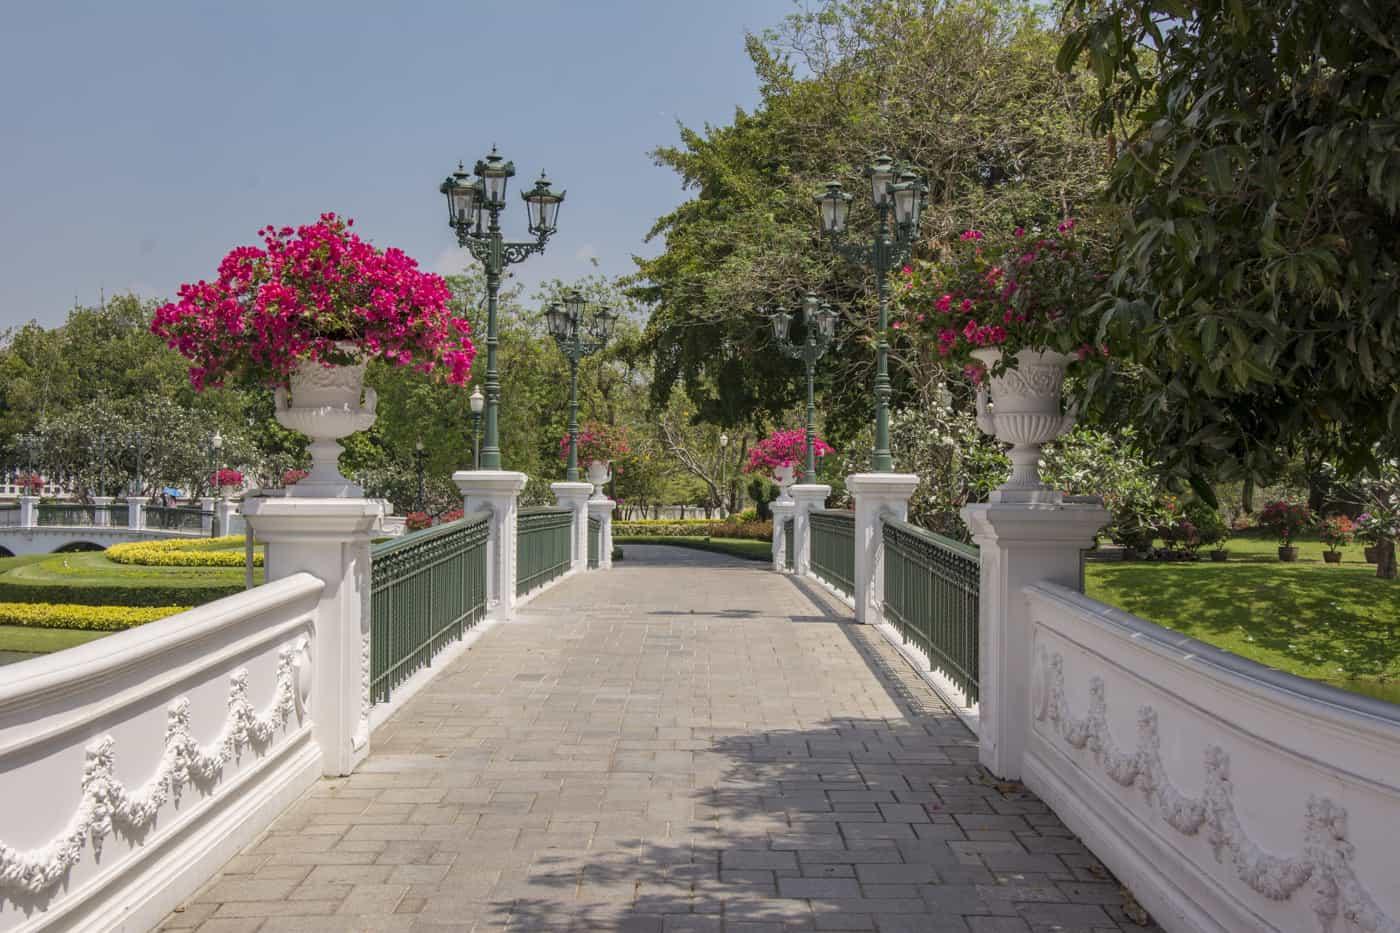 Fantastische Blumenpracht auf einer der vielen Brücken im Sommerpalast der Könige